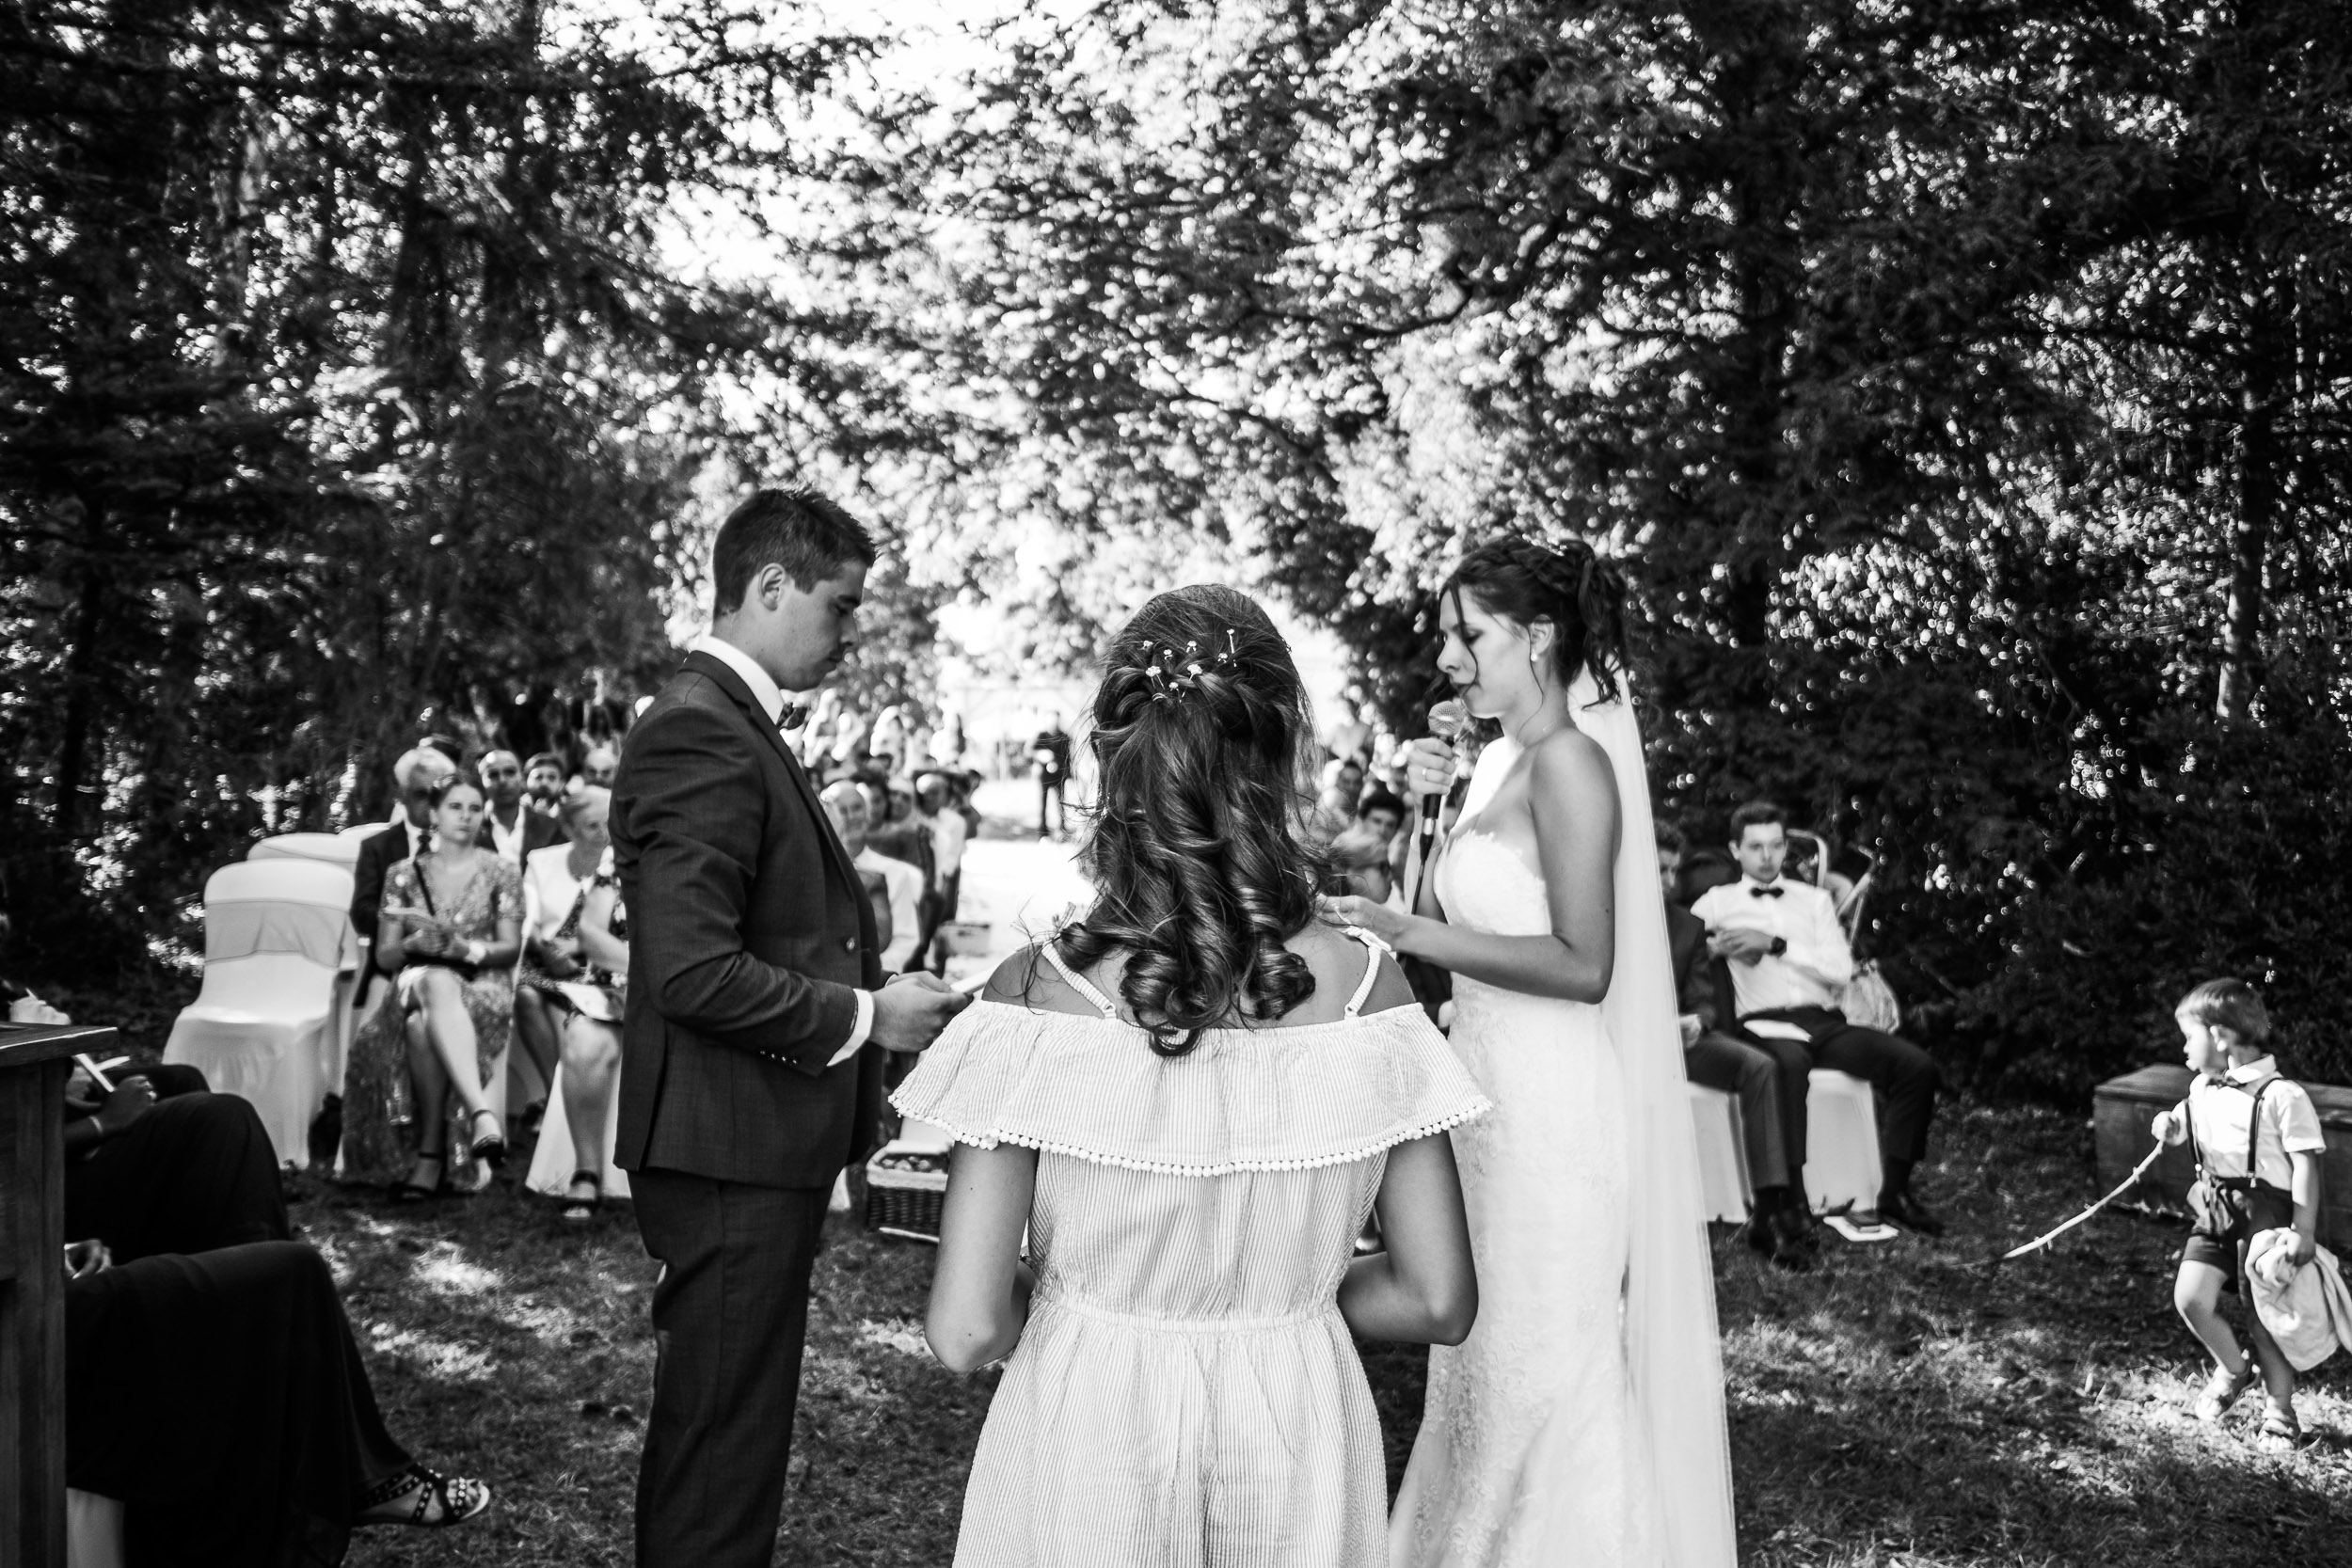 gerald-mattel-photographe-mariage-chateau-nety-9.jpg